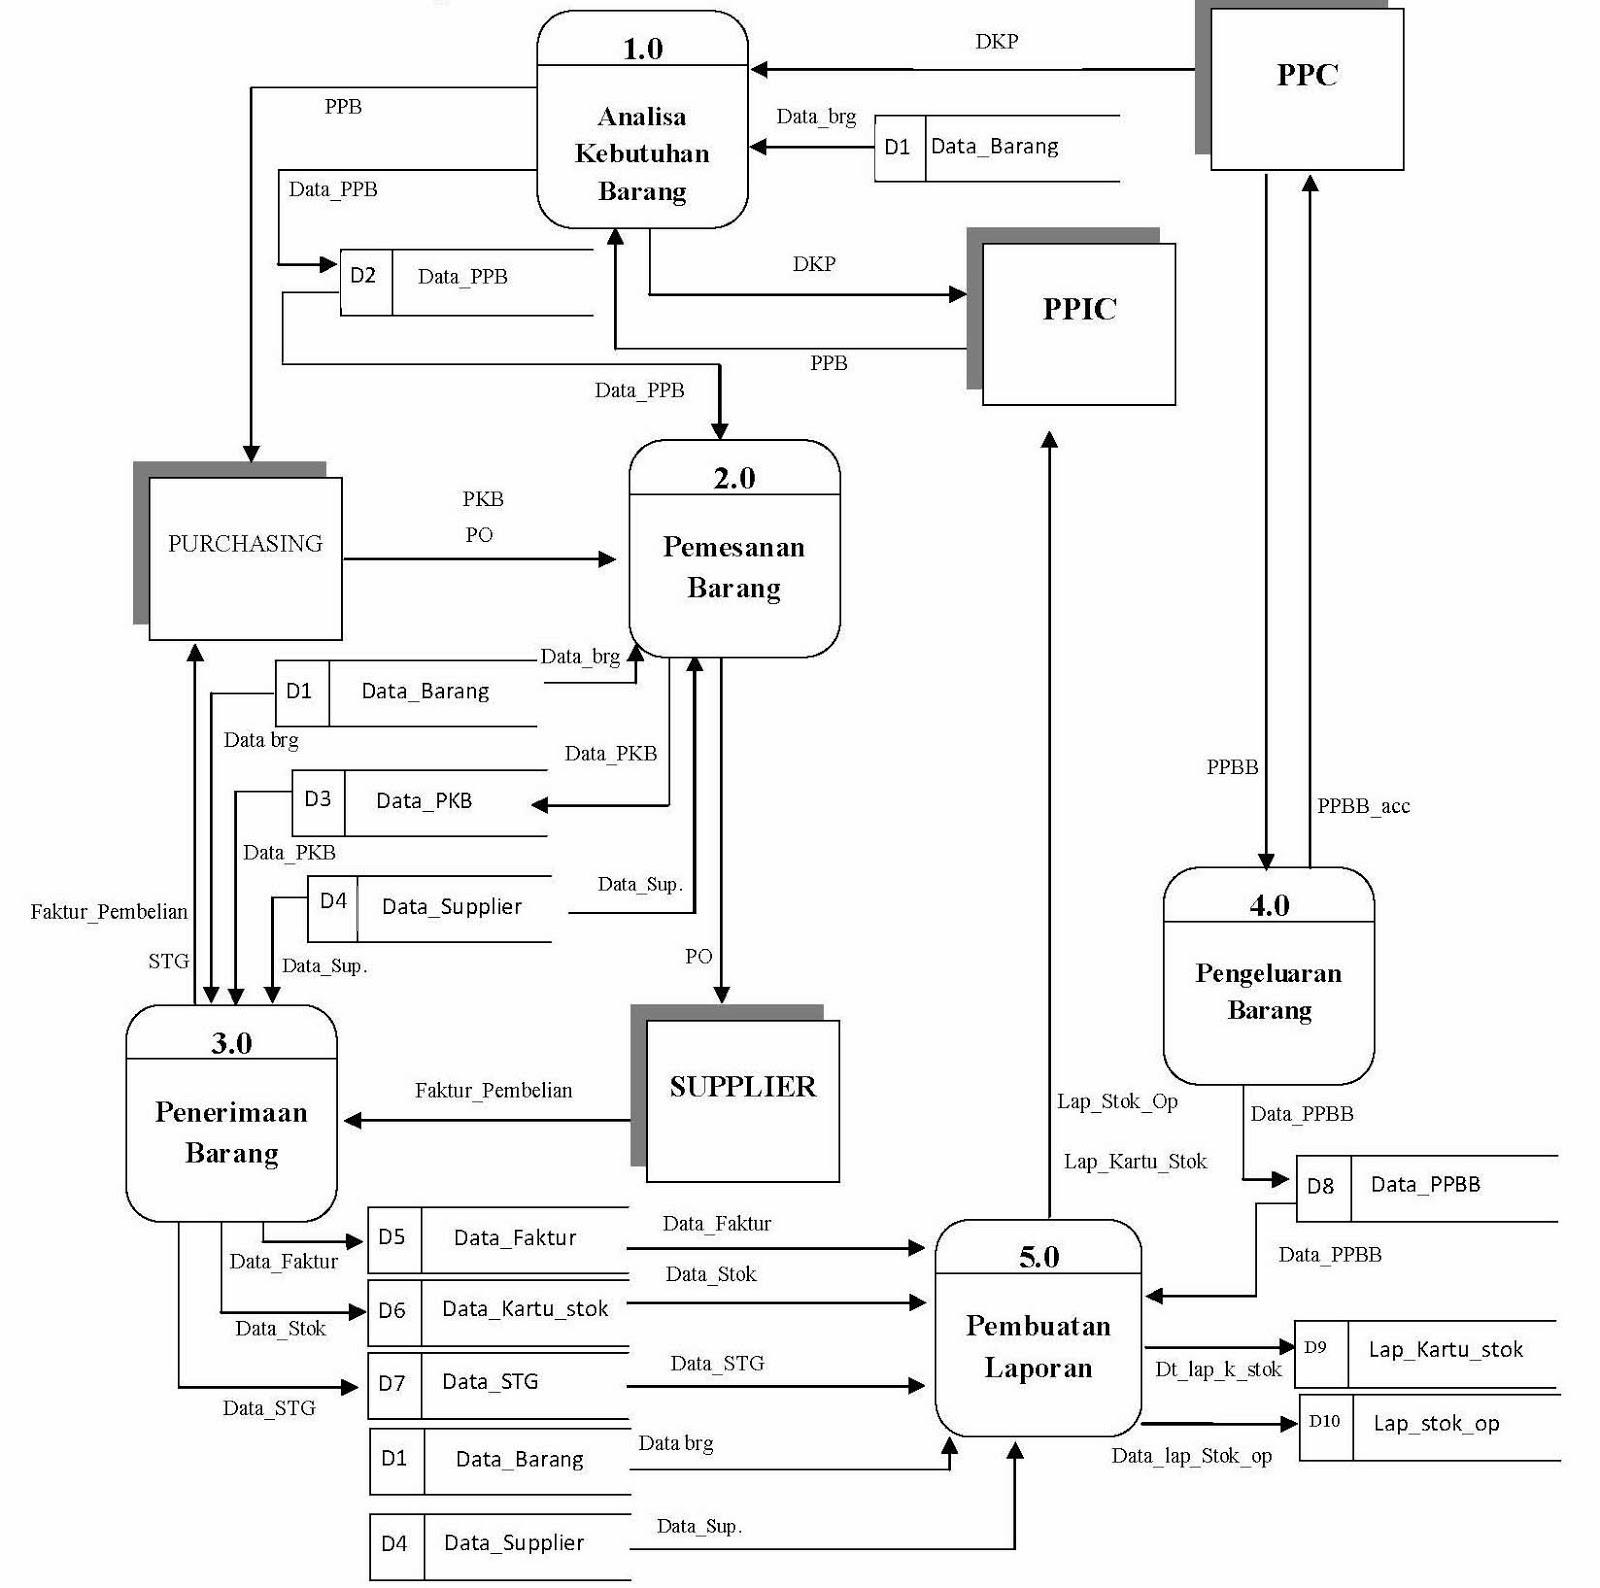 APSI - Analisa Perancangan Sistem Informasi: Analisa ...